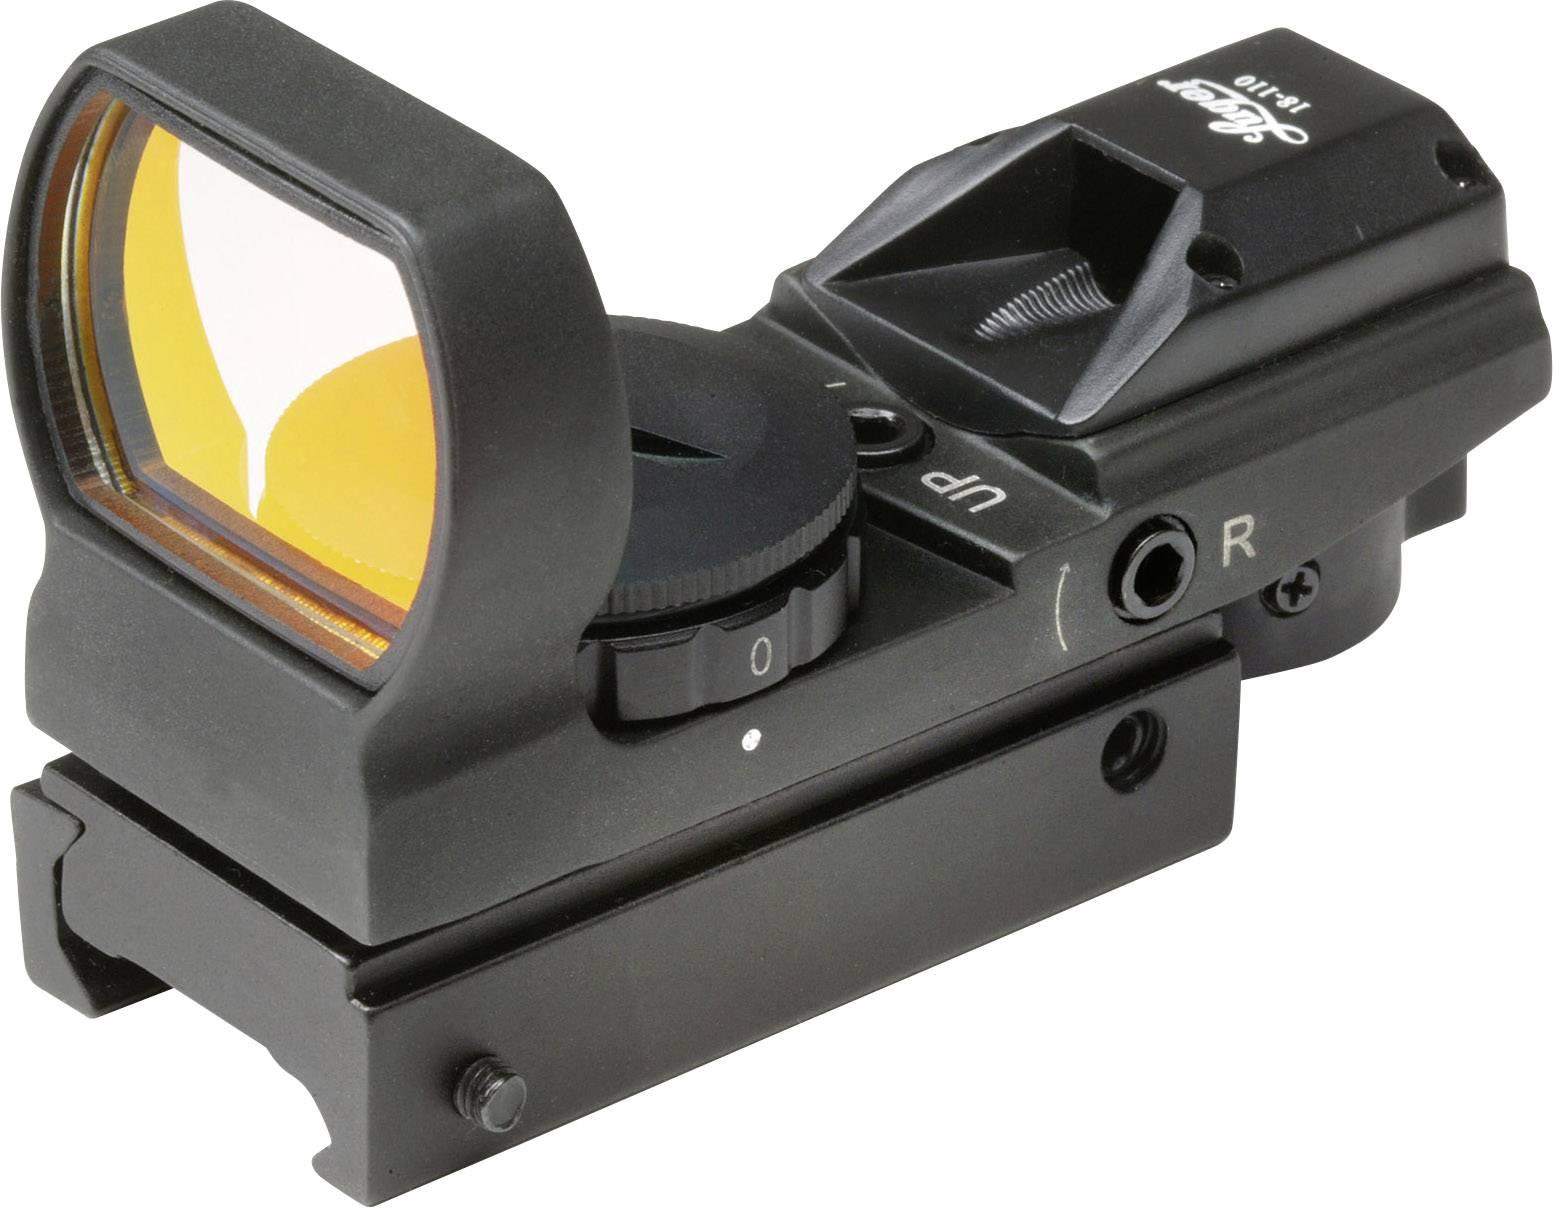 Laser kollimator luger dot 10 lu 18 110 online bestellen